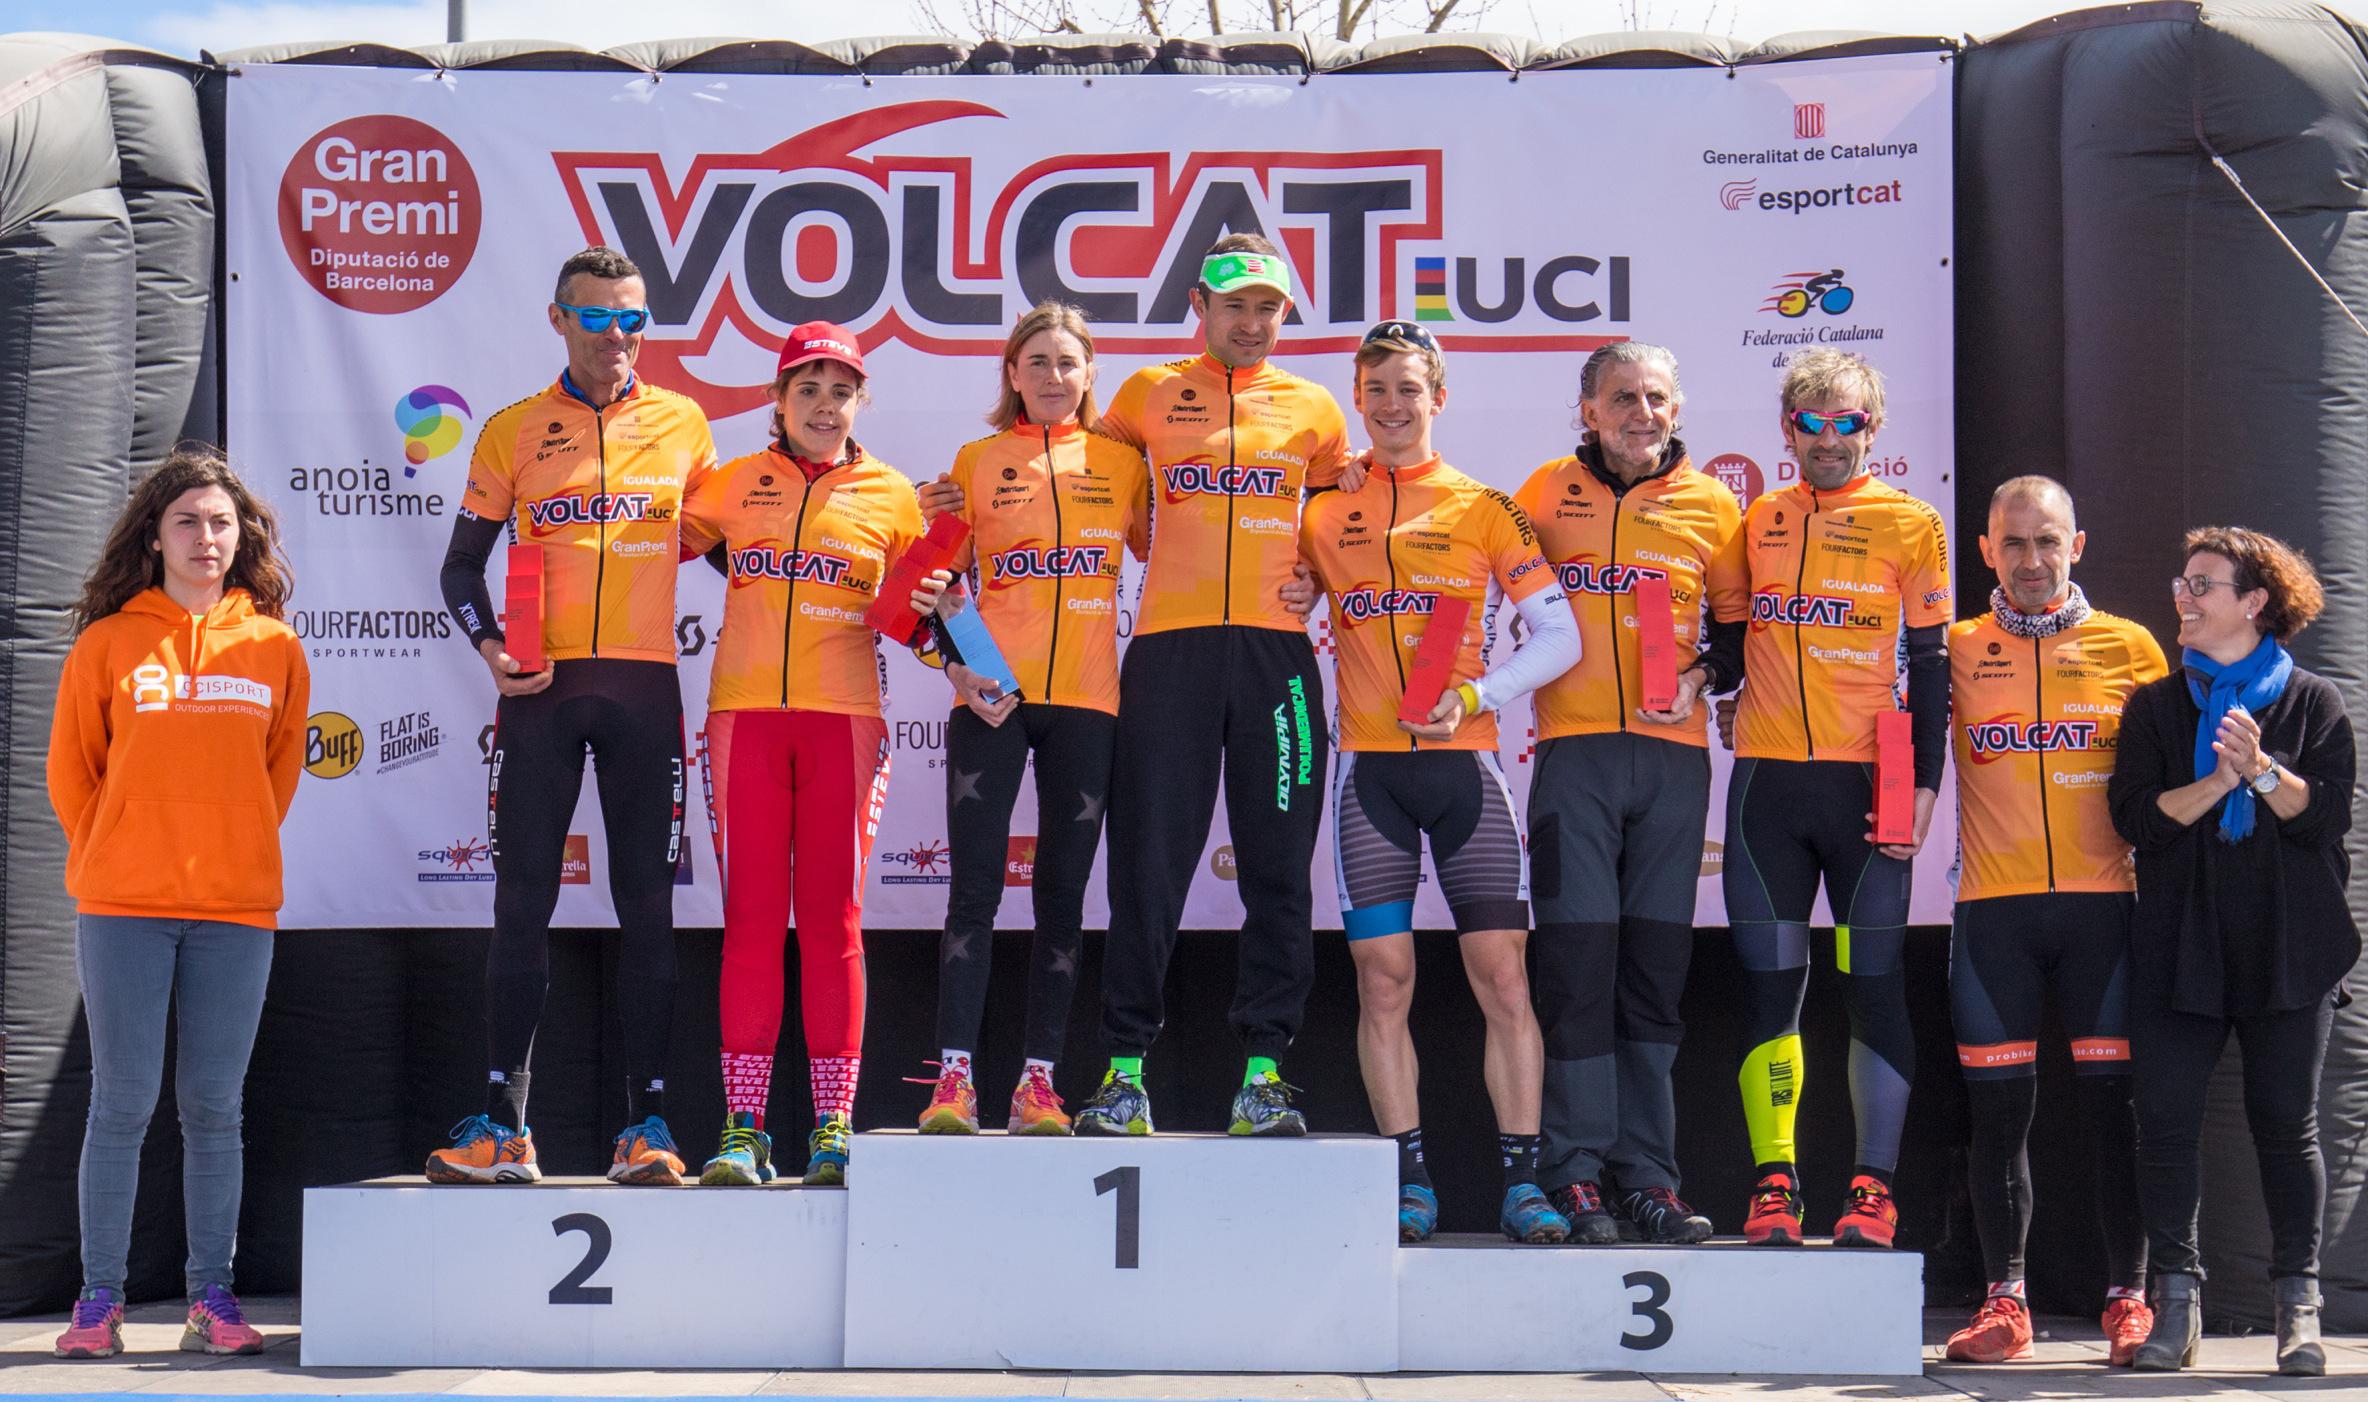 Leonardo Páez i Annabella Stropparo campions de la VolCAT més internacional